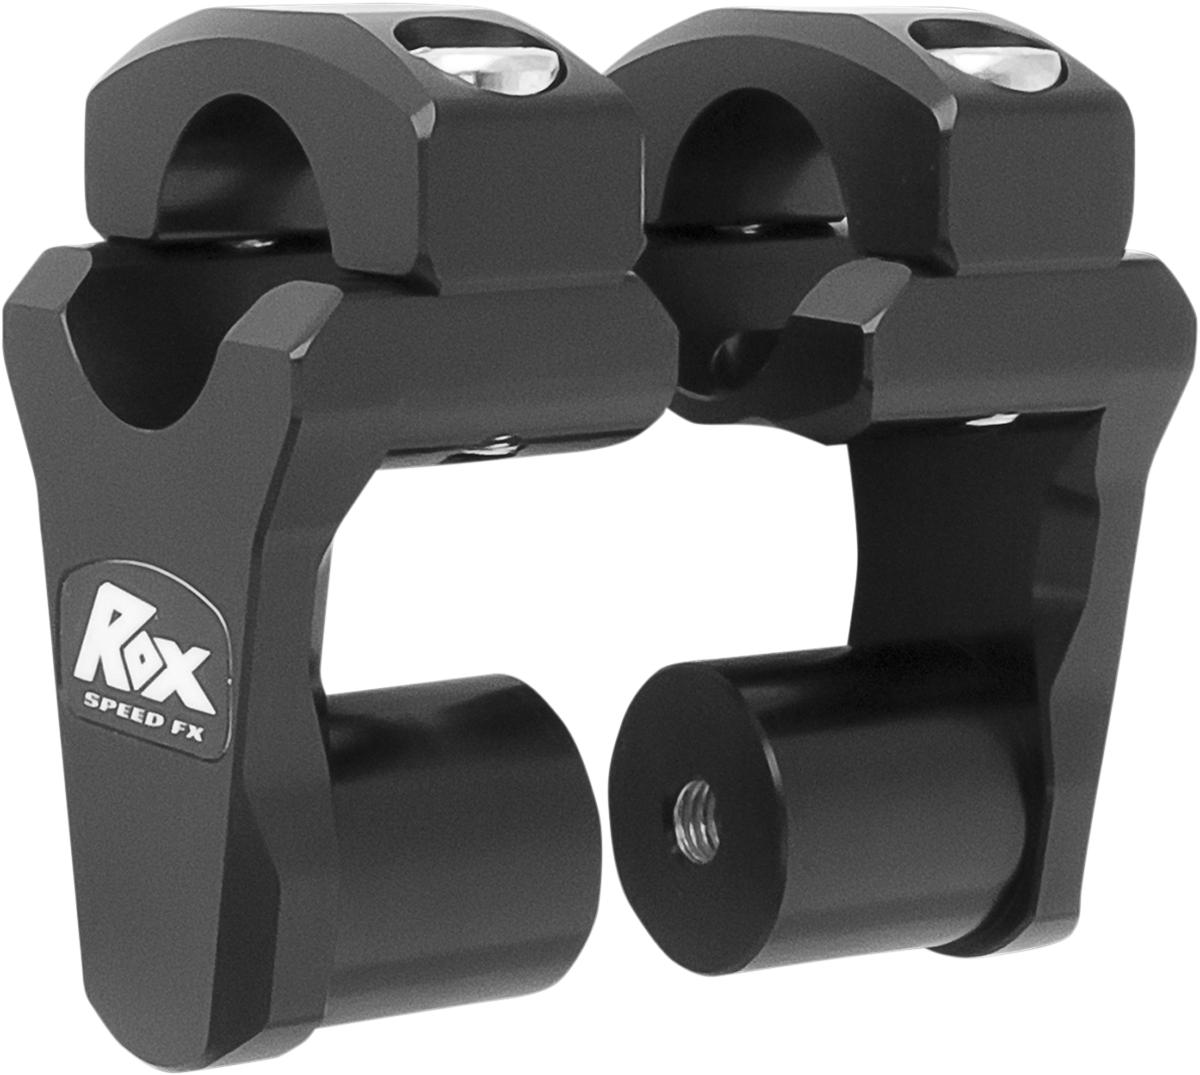 2in 1R-P2PPK Rox Speed FX - Black Elite Series Pivot Handlebar Riser